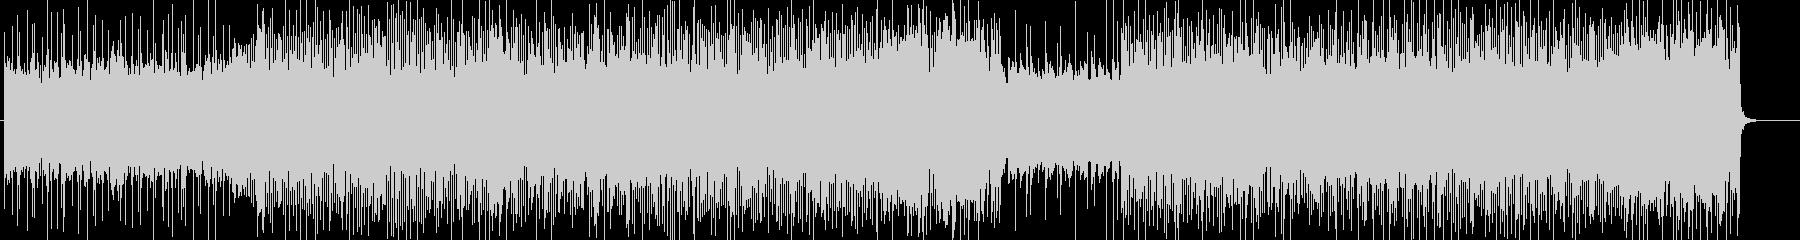 「ヘヴィ/ダーク/メタル」BGM246の未再生の波形